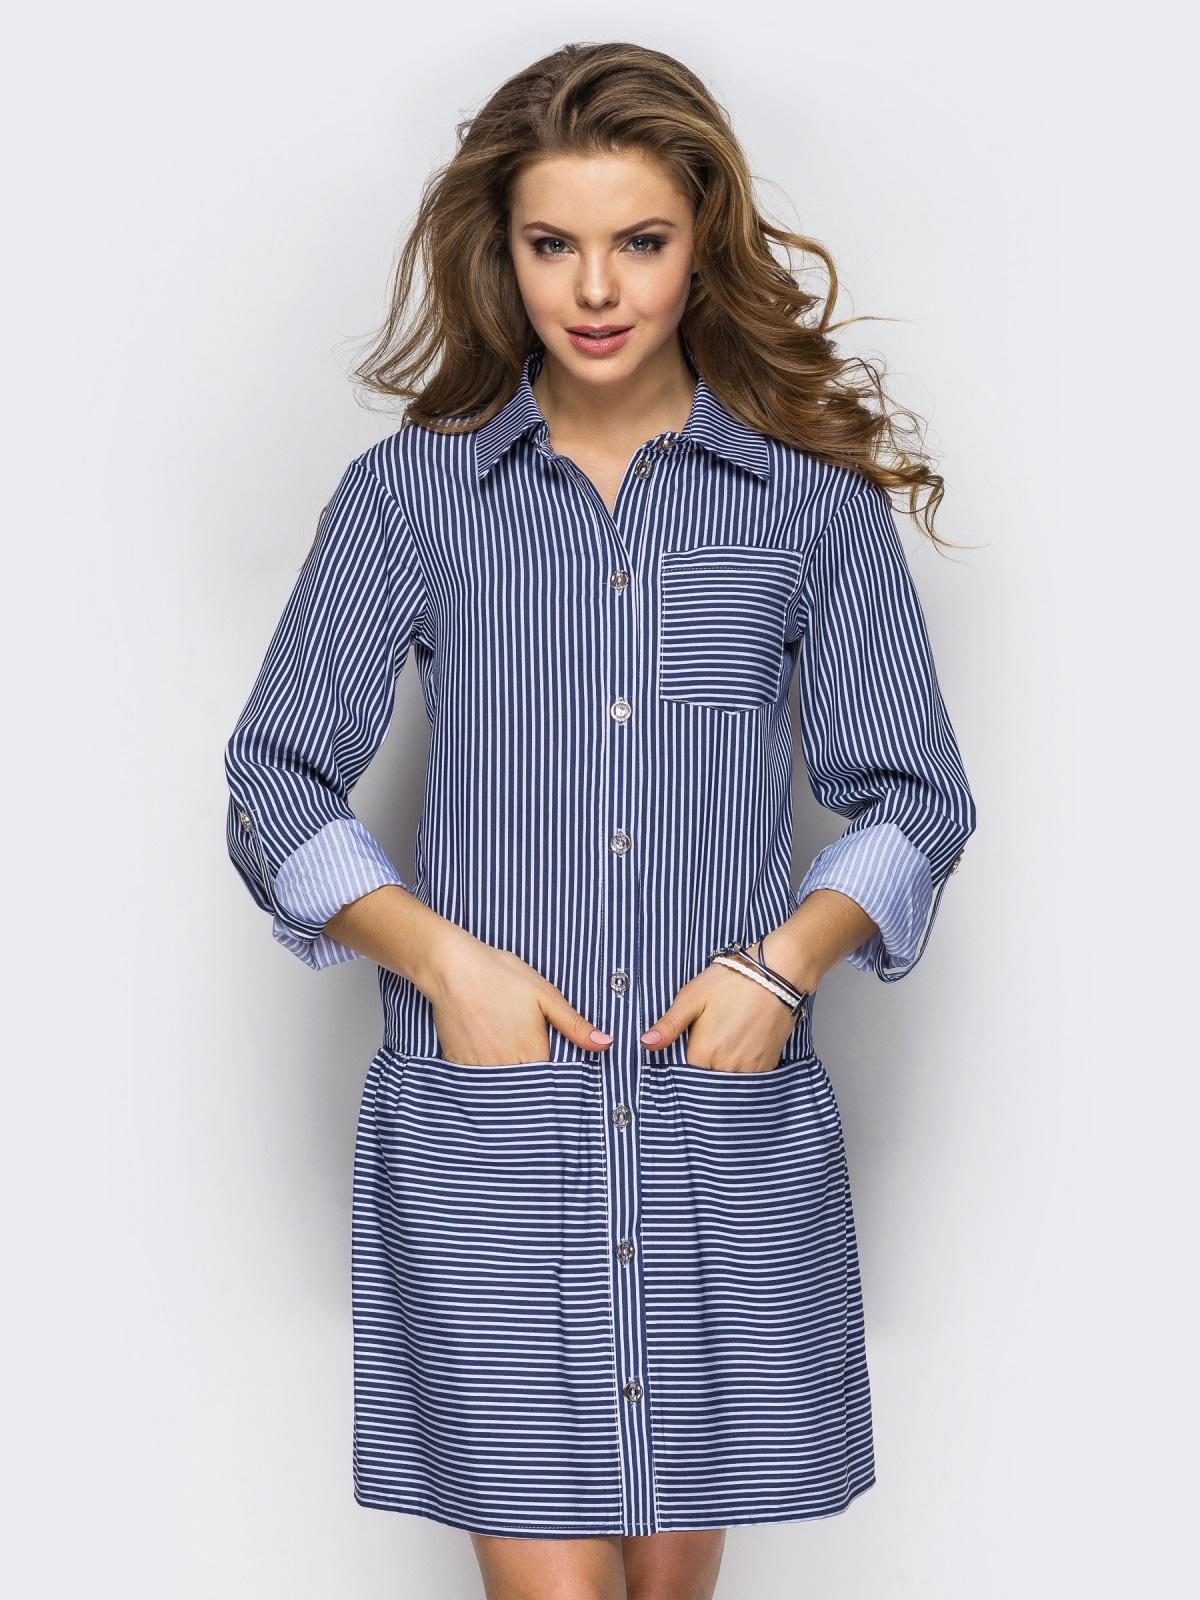 Хлопковое платье-рубашка в полоску с карманами серое - 13589, фото 1 – интернет-магазин Dressa